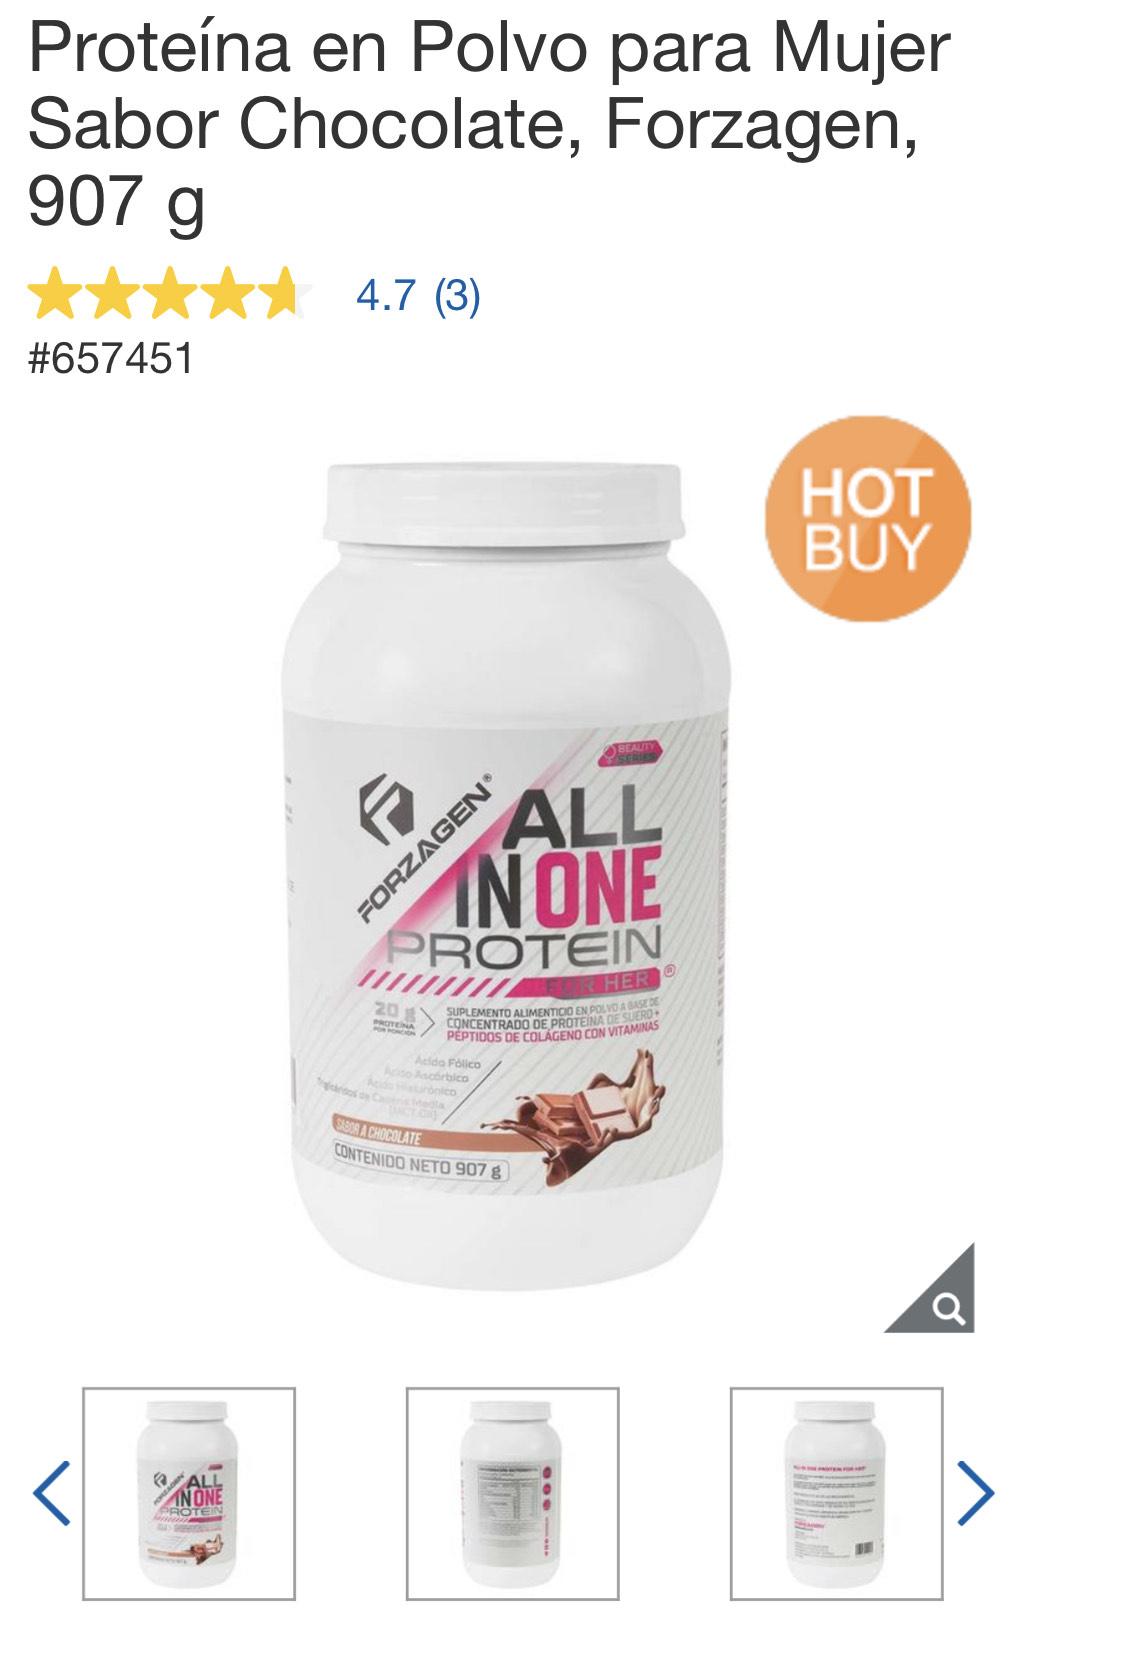 Costco: proteína en Amazon está en $999